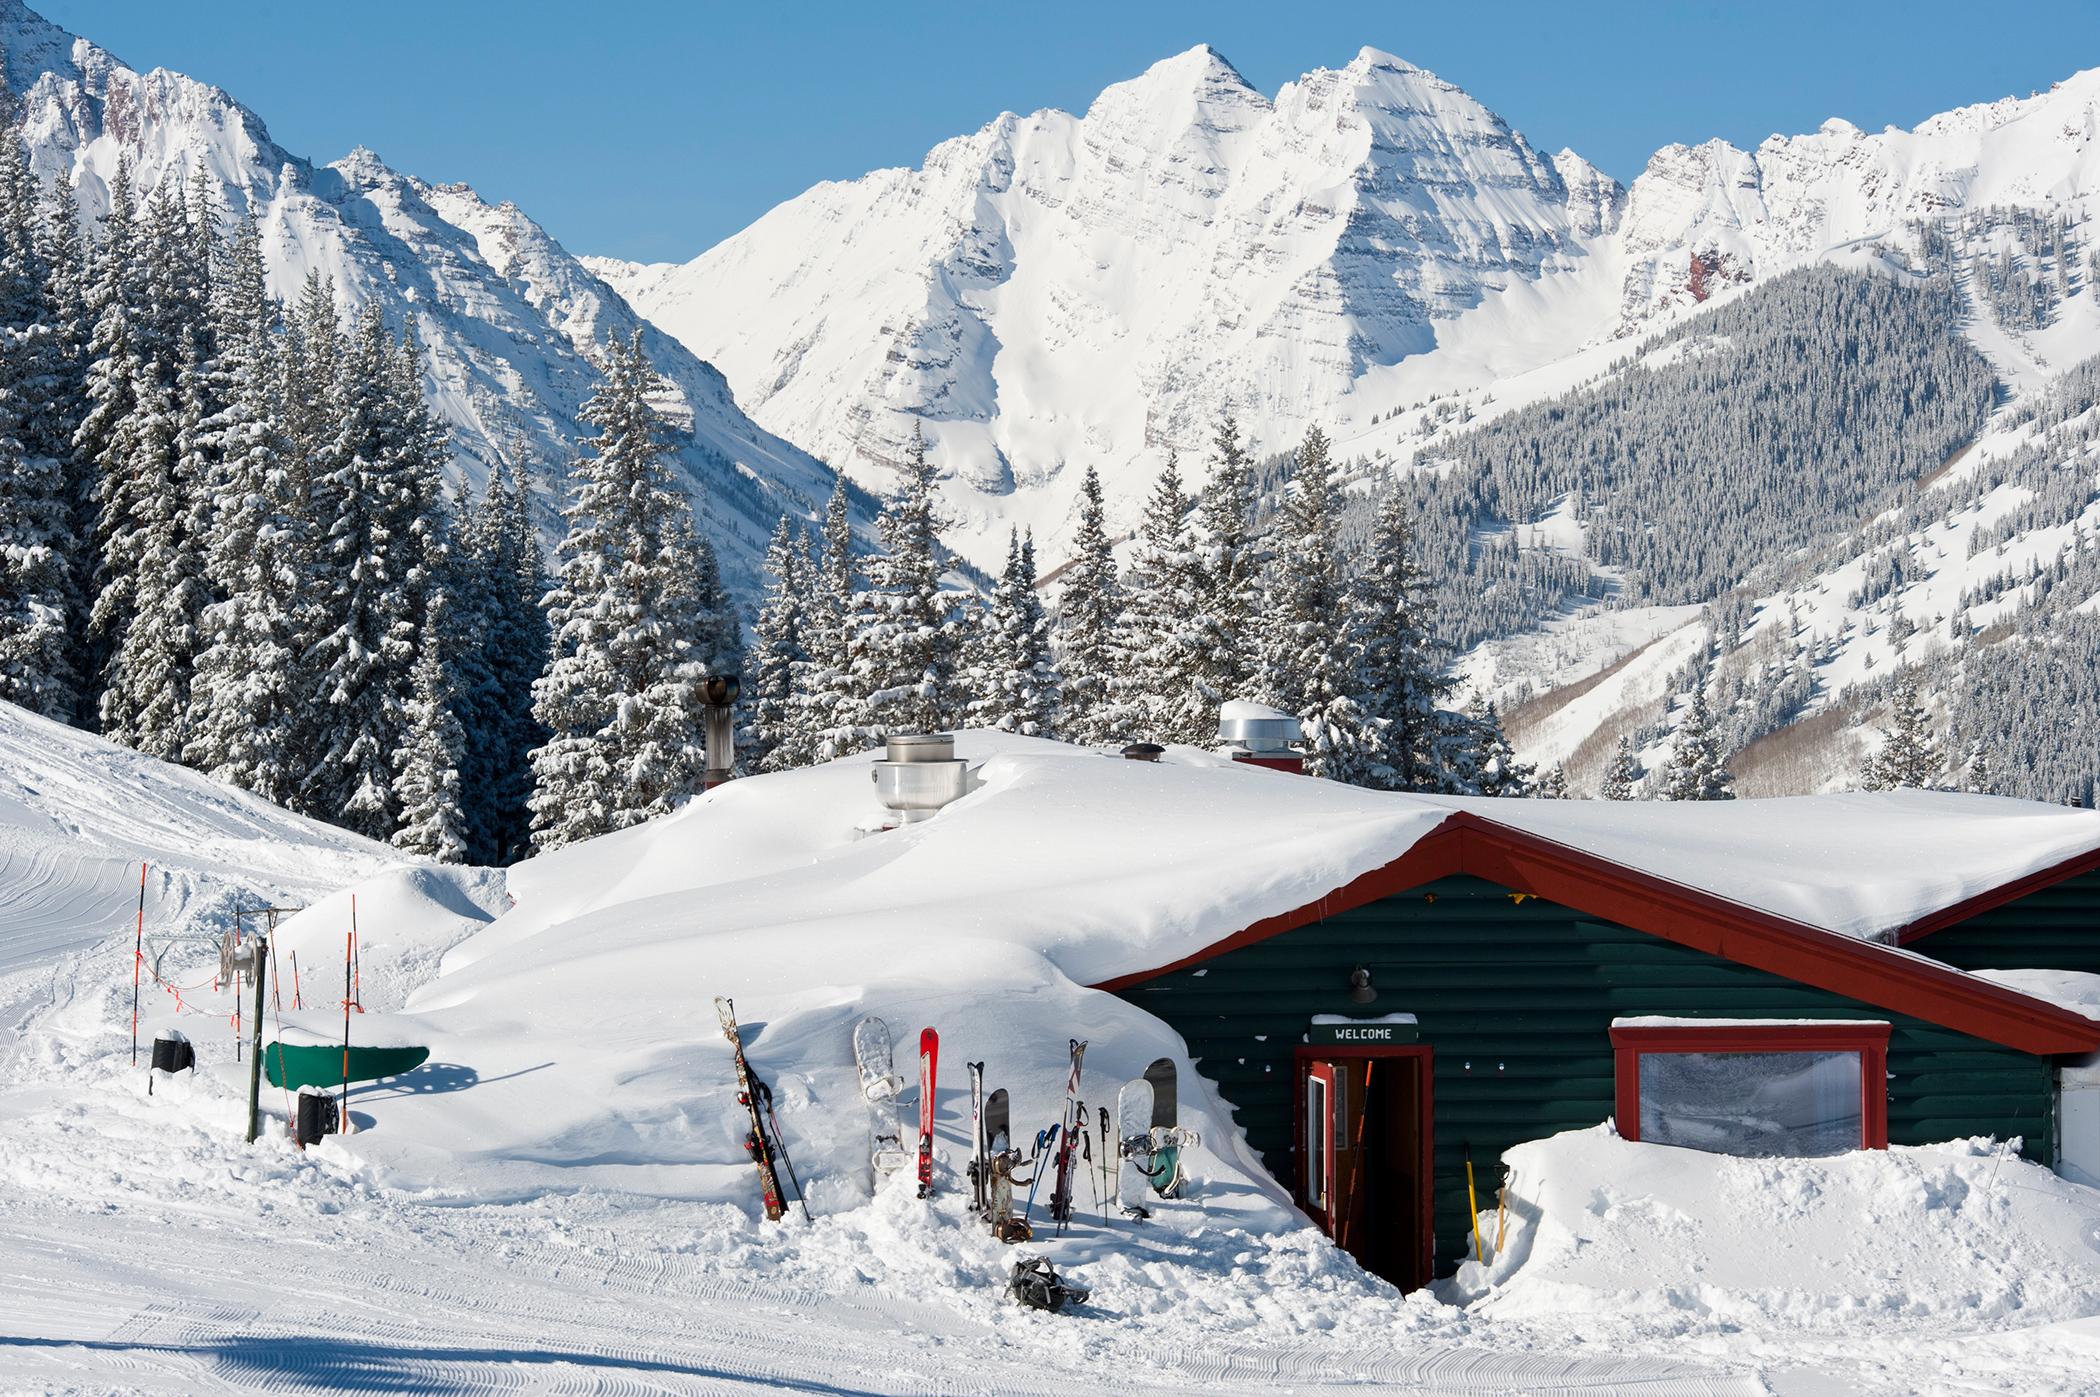 Aspen Highlands | Colorado Ski Snowboard Area | Aspen Snowmass